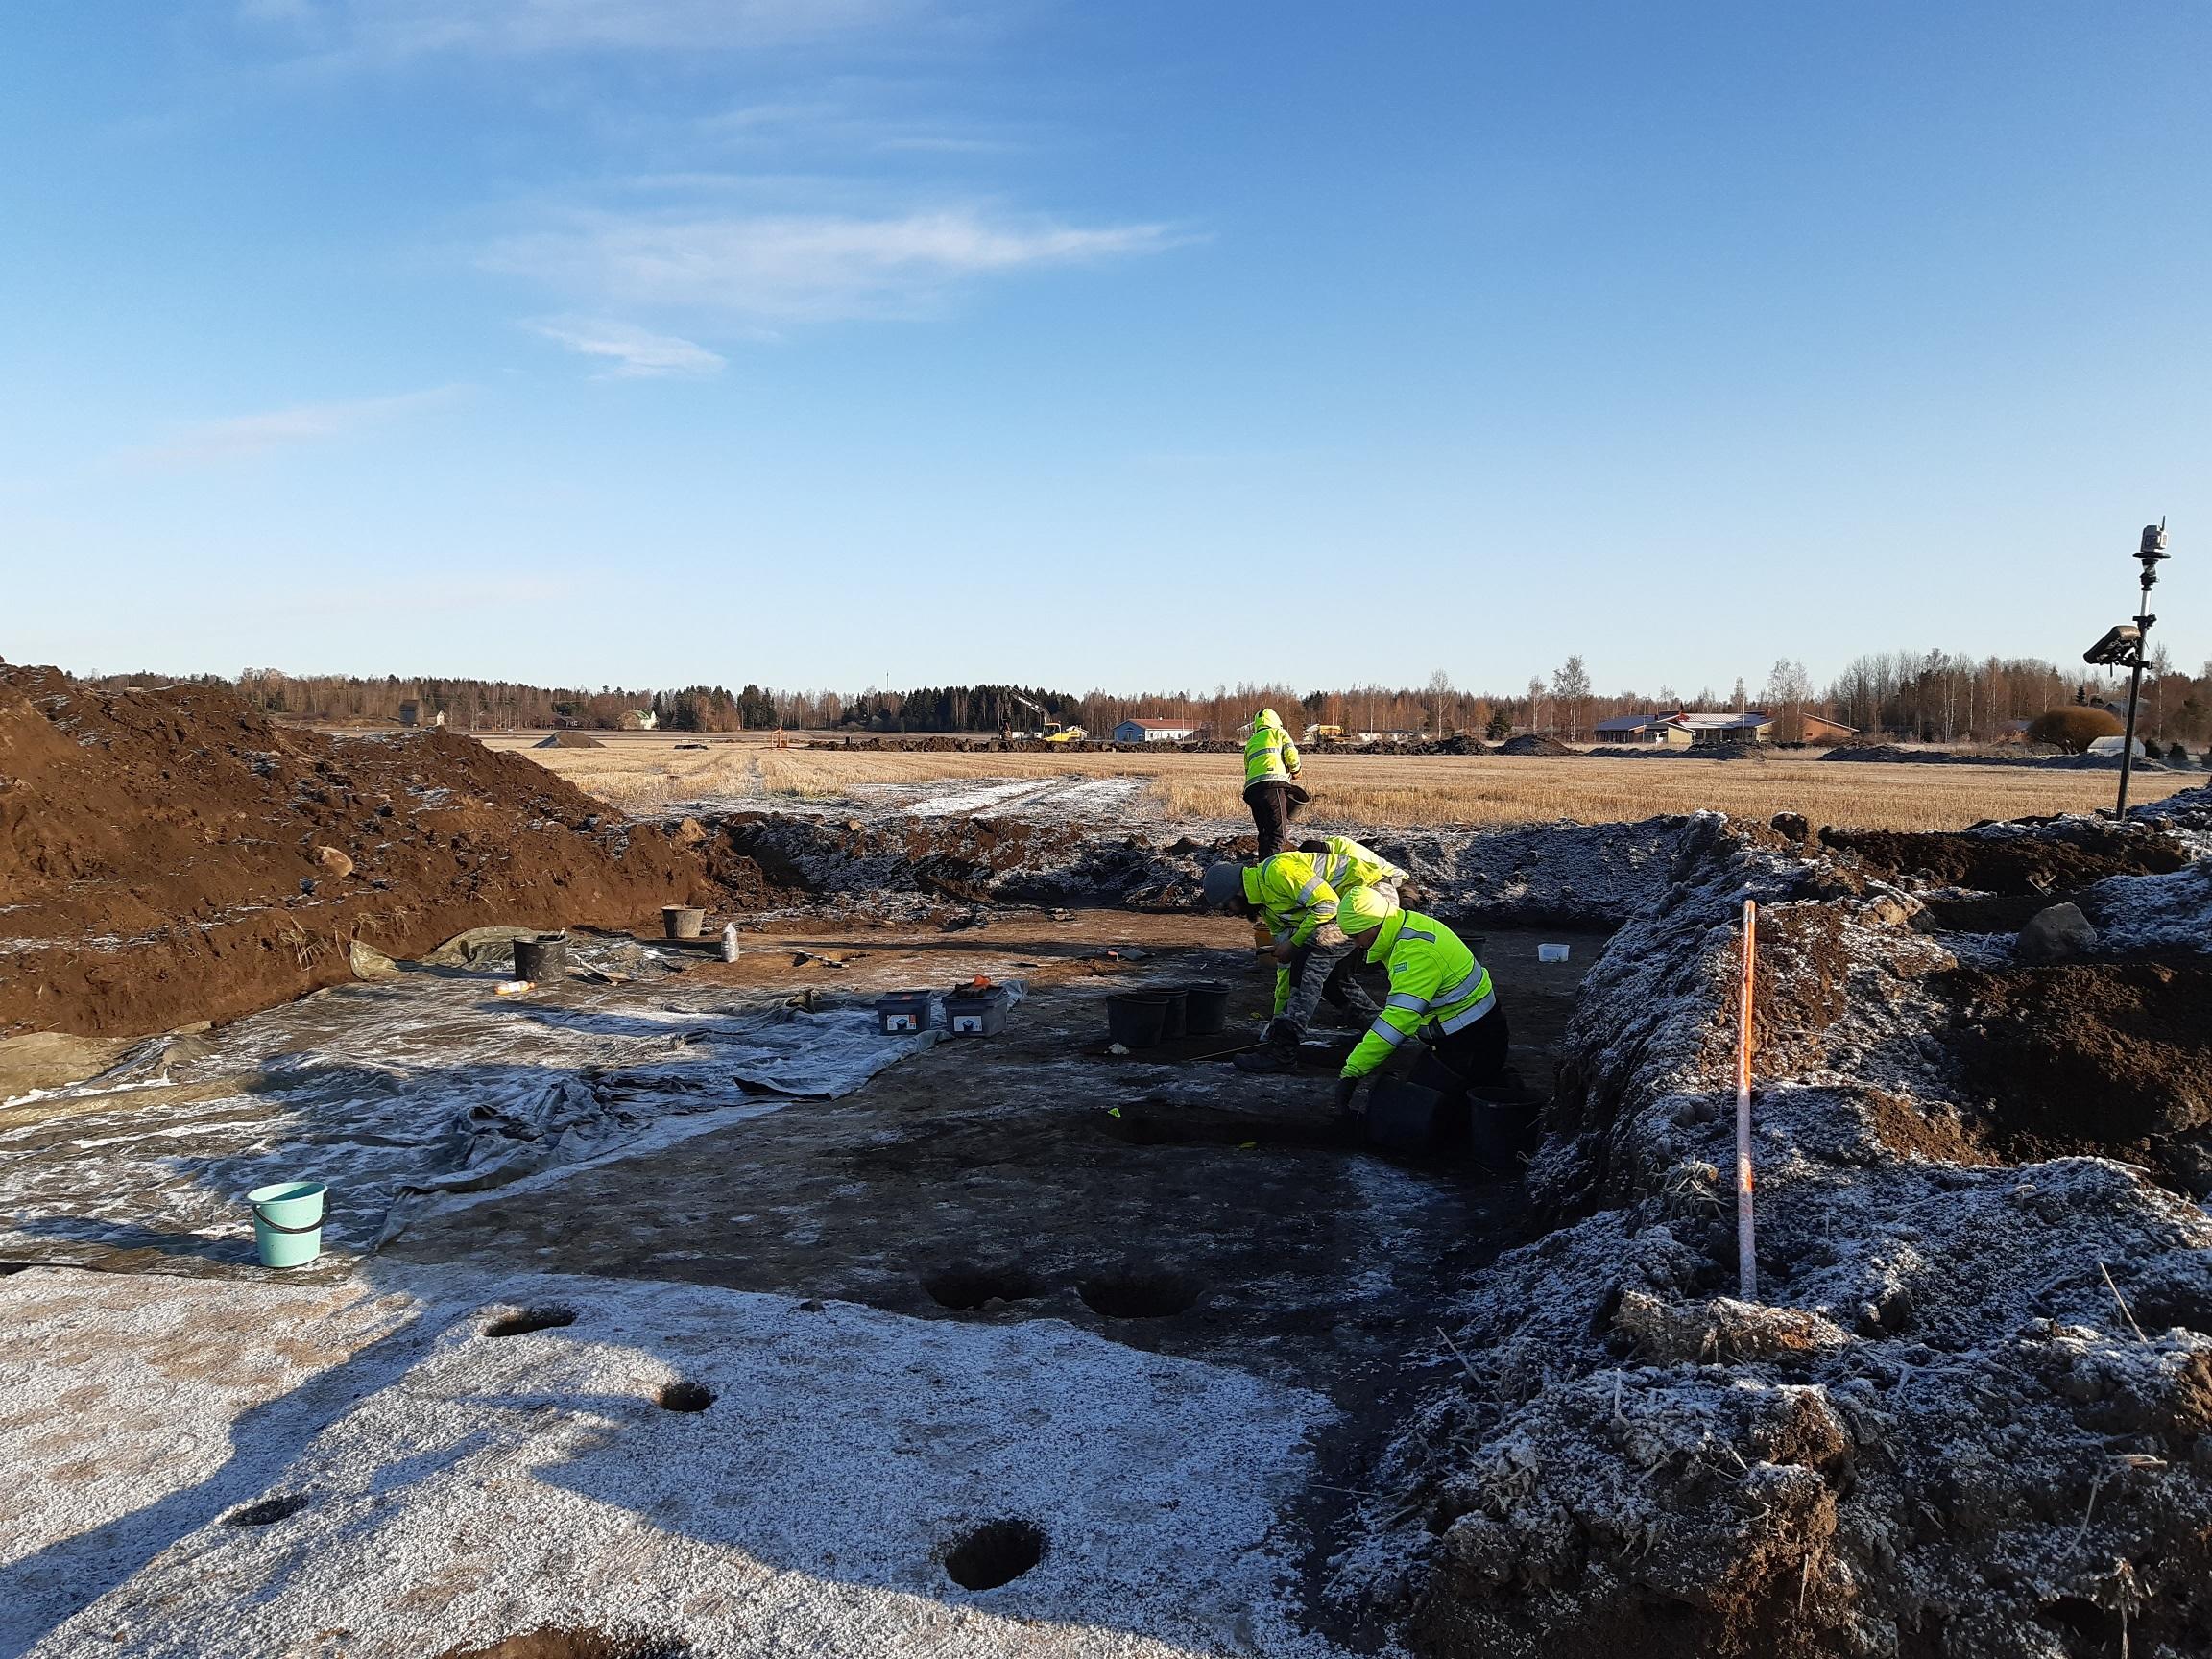 Kokemäen Villiönsuvannon rautakautisen asuinpaikan kaivaukset 2019-2020